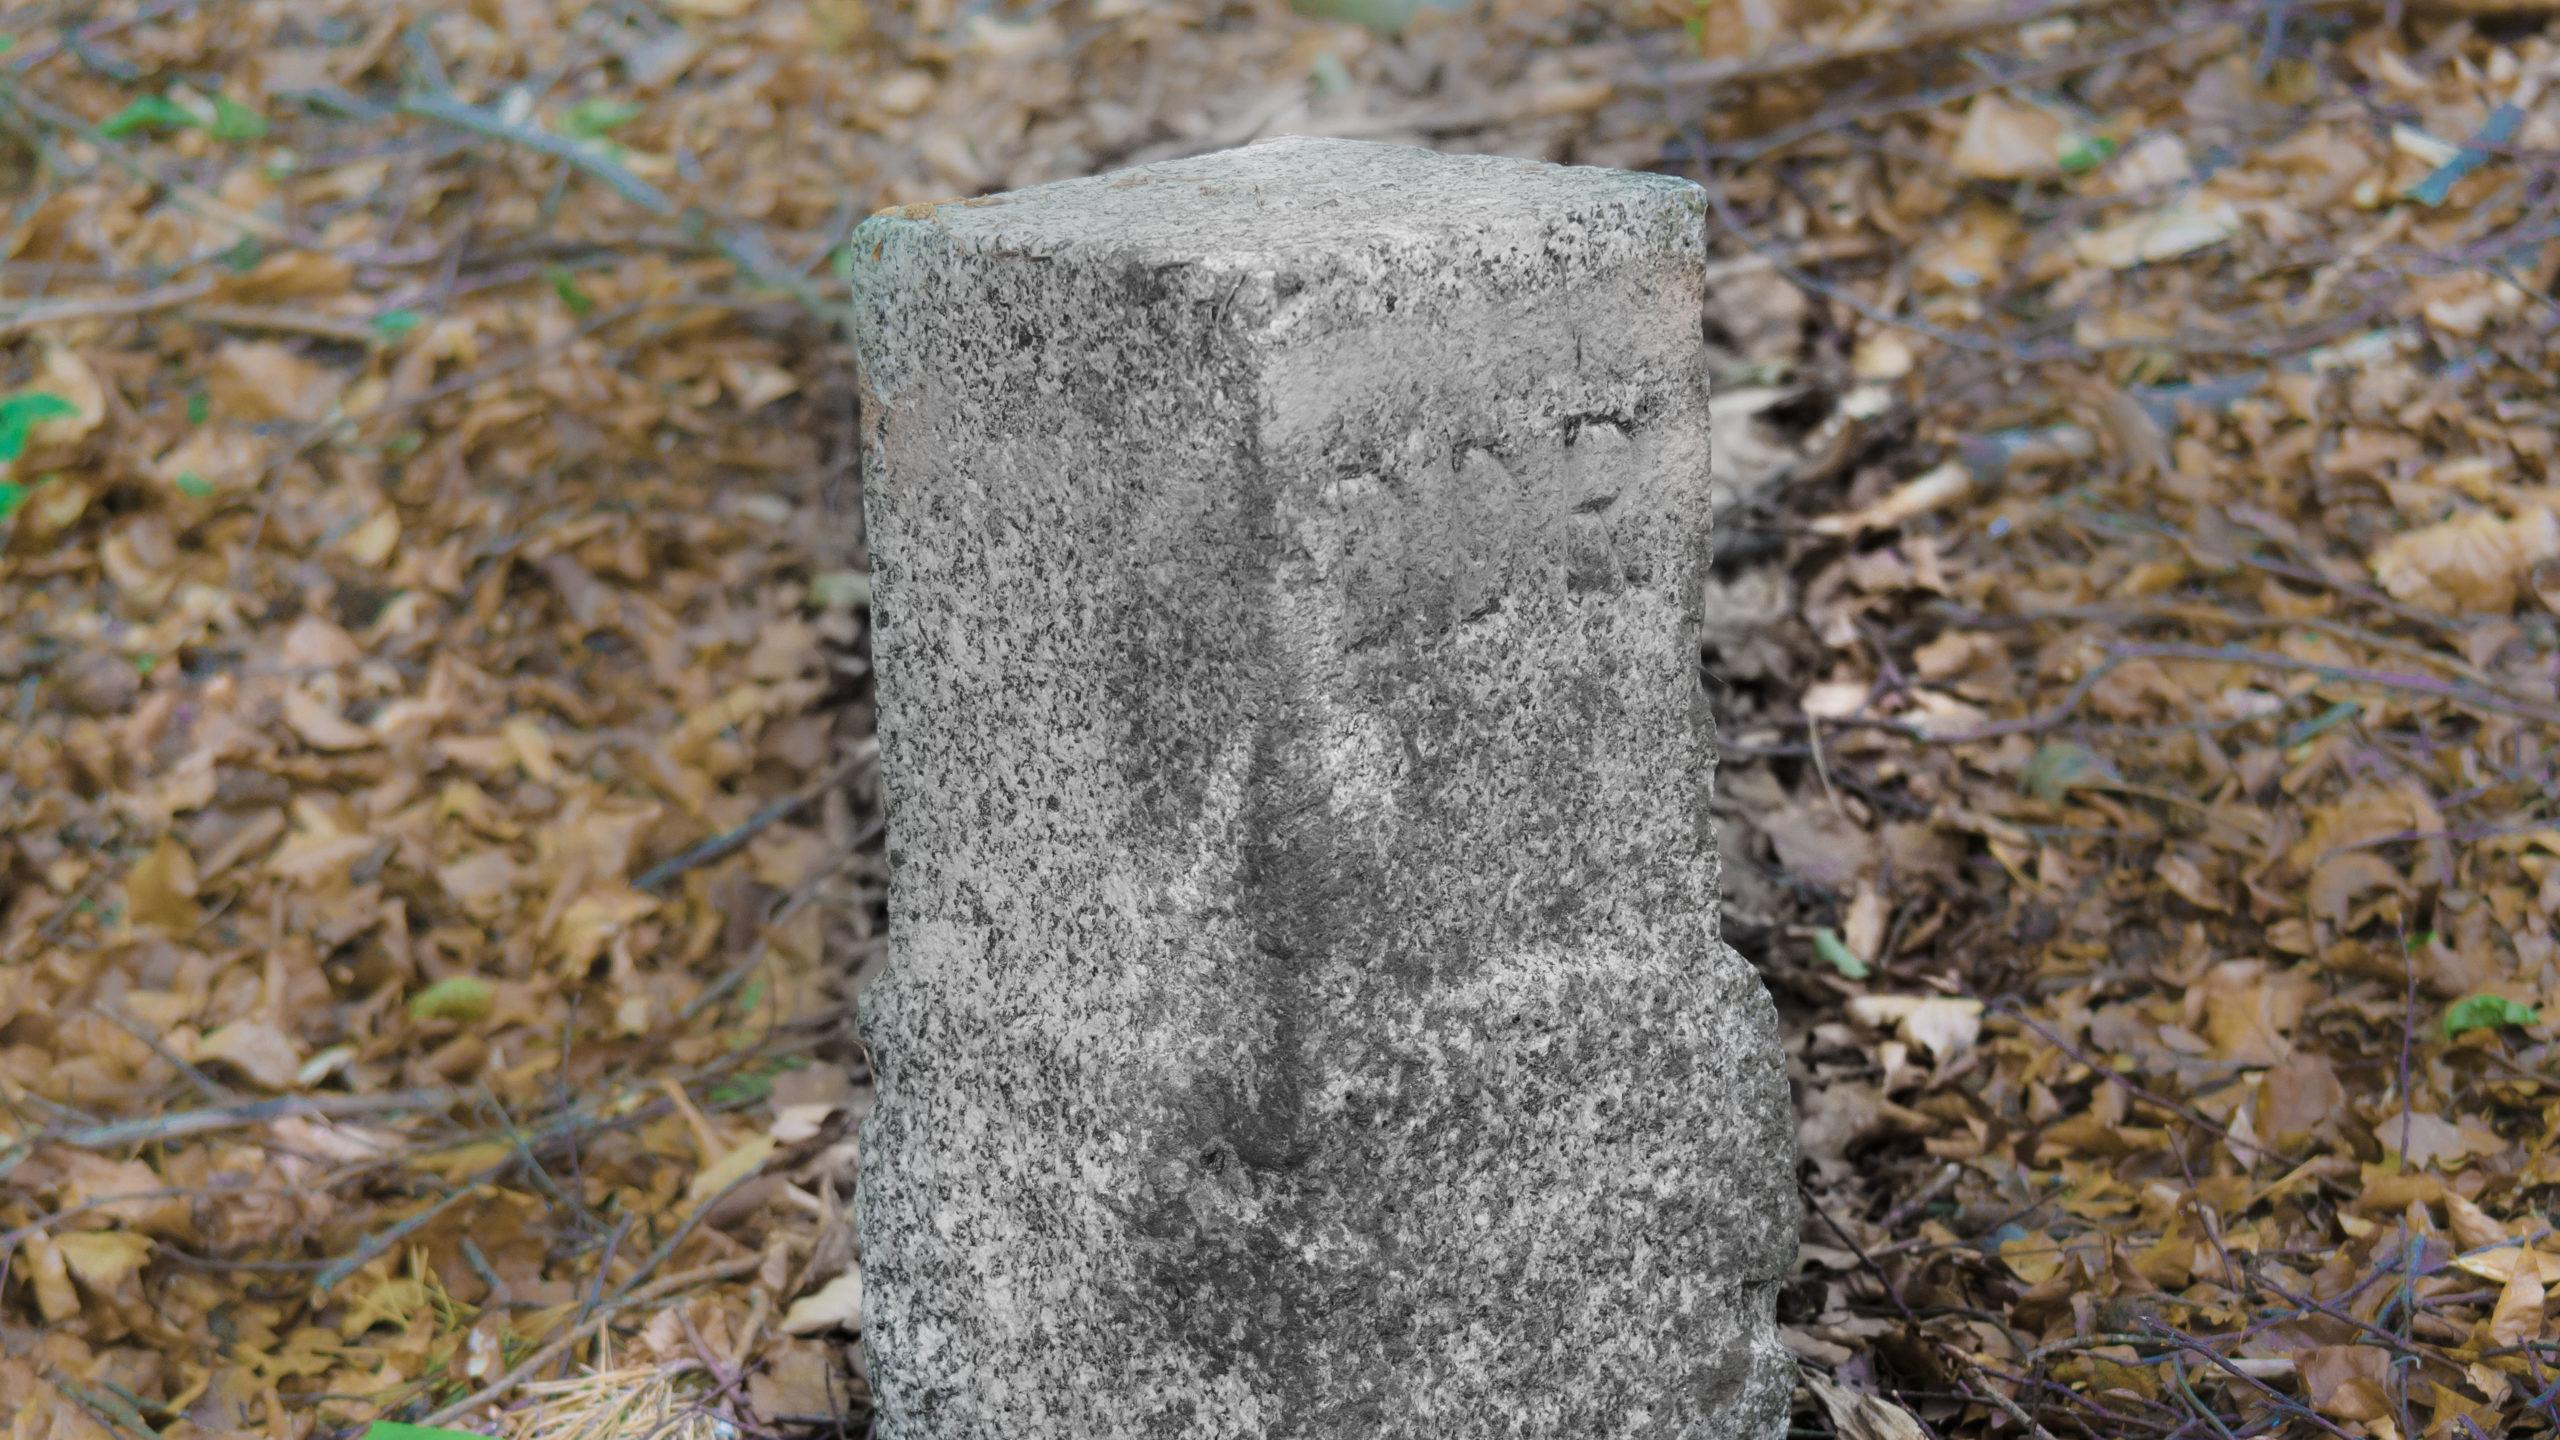 Grenzweg Gerstunger Forst, Grenzstein neuer Bauart (gesetzt zur Zeit der deutschen Teilung)